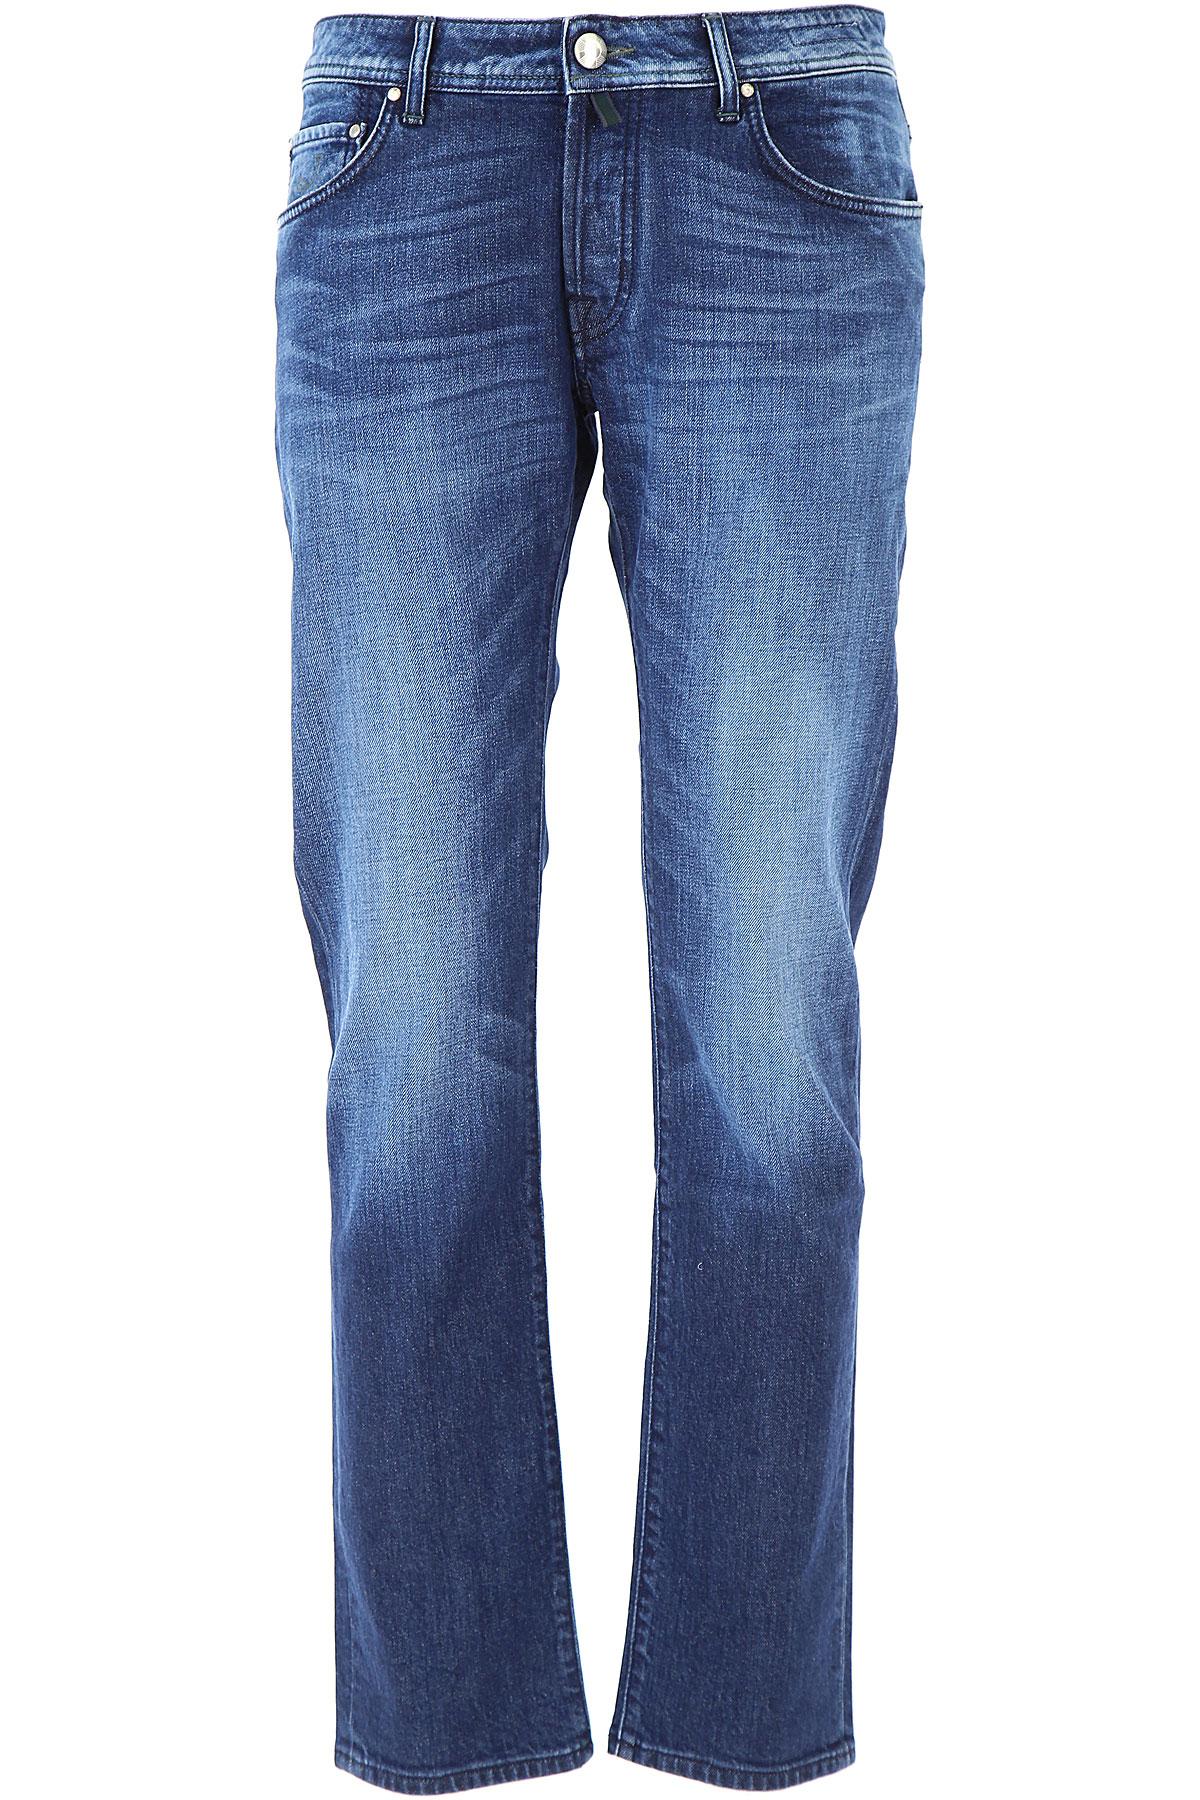 Image of Jacob Cohen Jeans, Blue Denim, Cotton, 2017, US 30 - EU 46 US 31 - EU 47 US 32 - EU 48 US 33 - EU 49 US 34 - EU 50